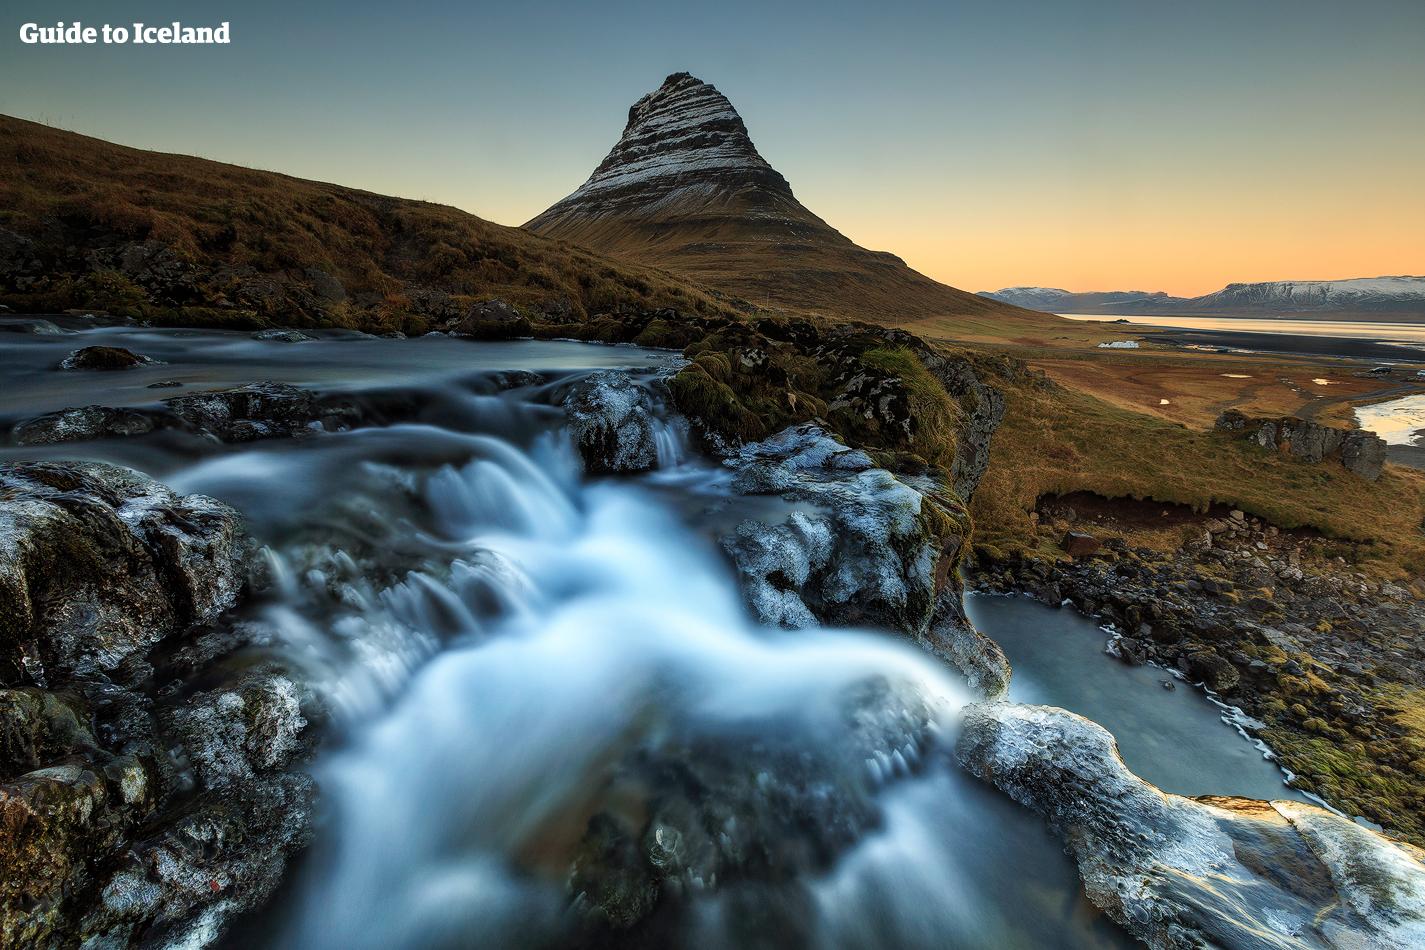 Parki narodowe na Islandii | Zaplanuj swój urlop